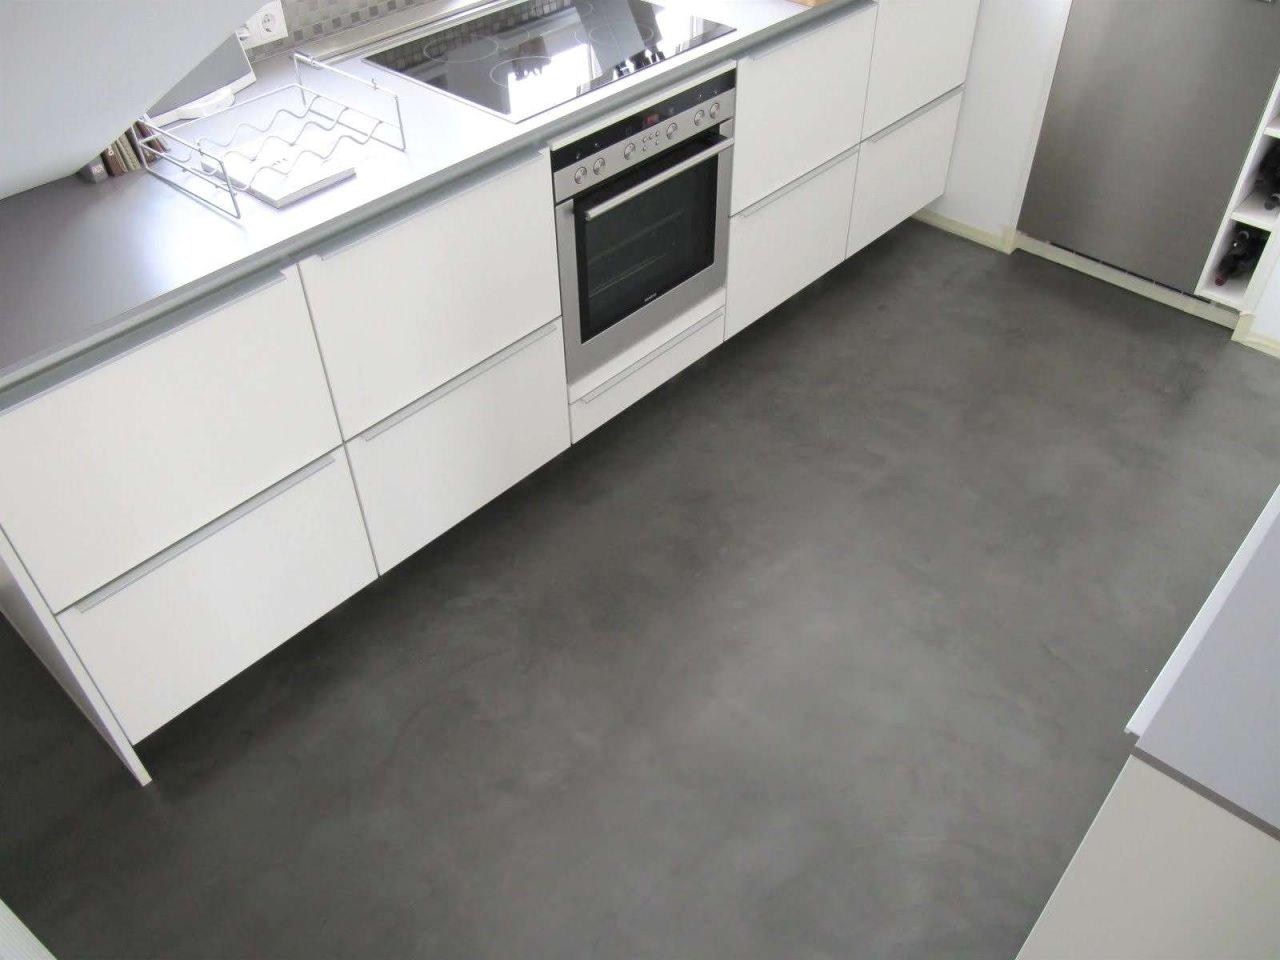 Full Size of Ideen Bodenbelag Küche Bodenbelag Für Küche Und Esszimmer Küchenboden Holzoptik Bodenbelag Offene Küche Küche Bodenbelag Küche